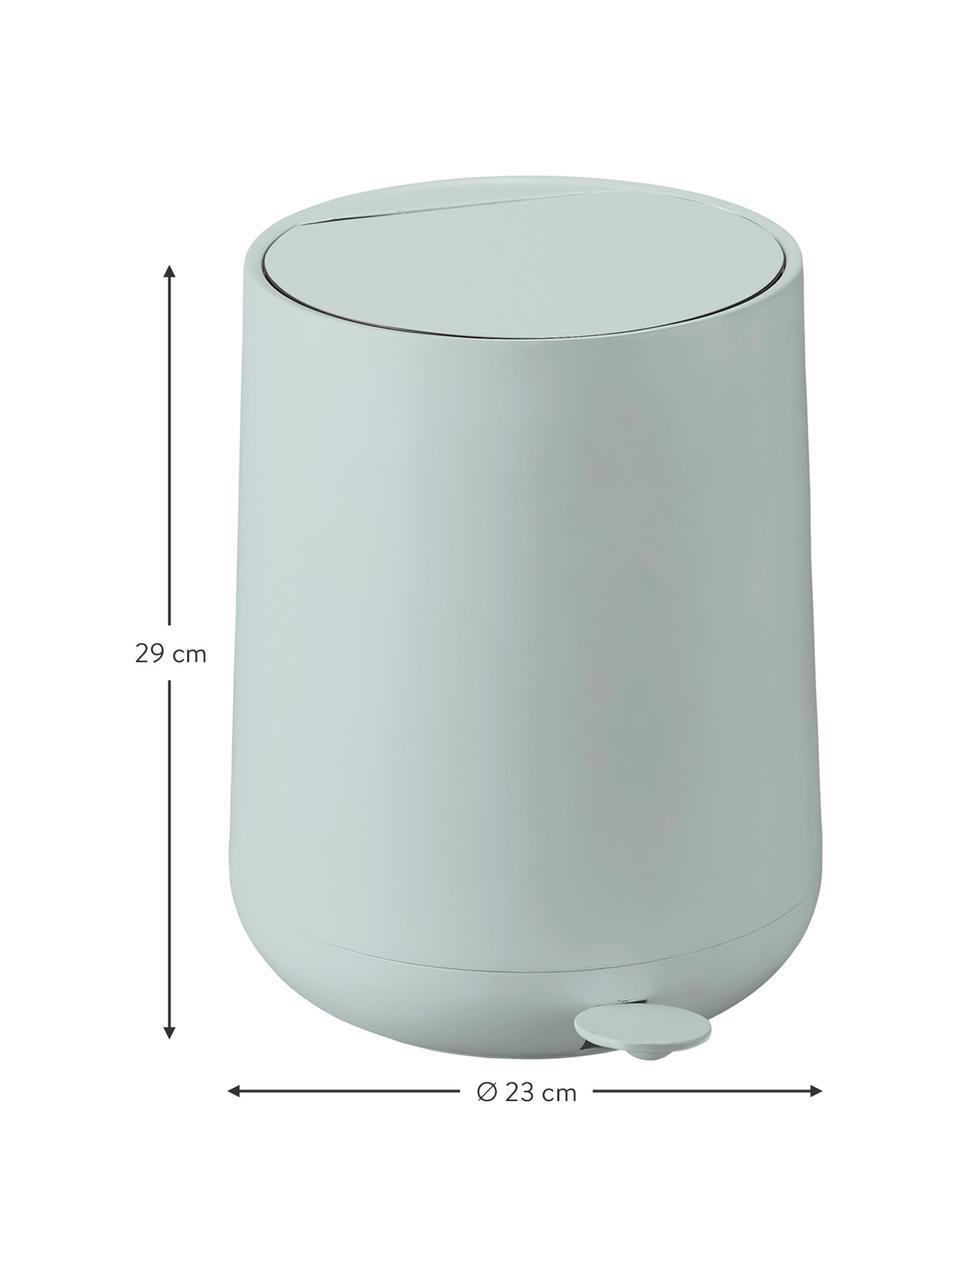 Kosz na śmieci Nova, Tworzywo sztuczne ABS, Jasny niebieski, Ø 23 x W 29 cm